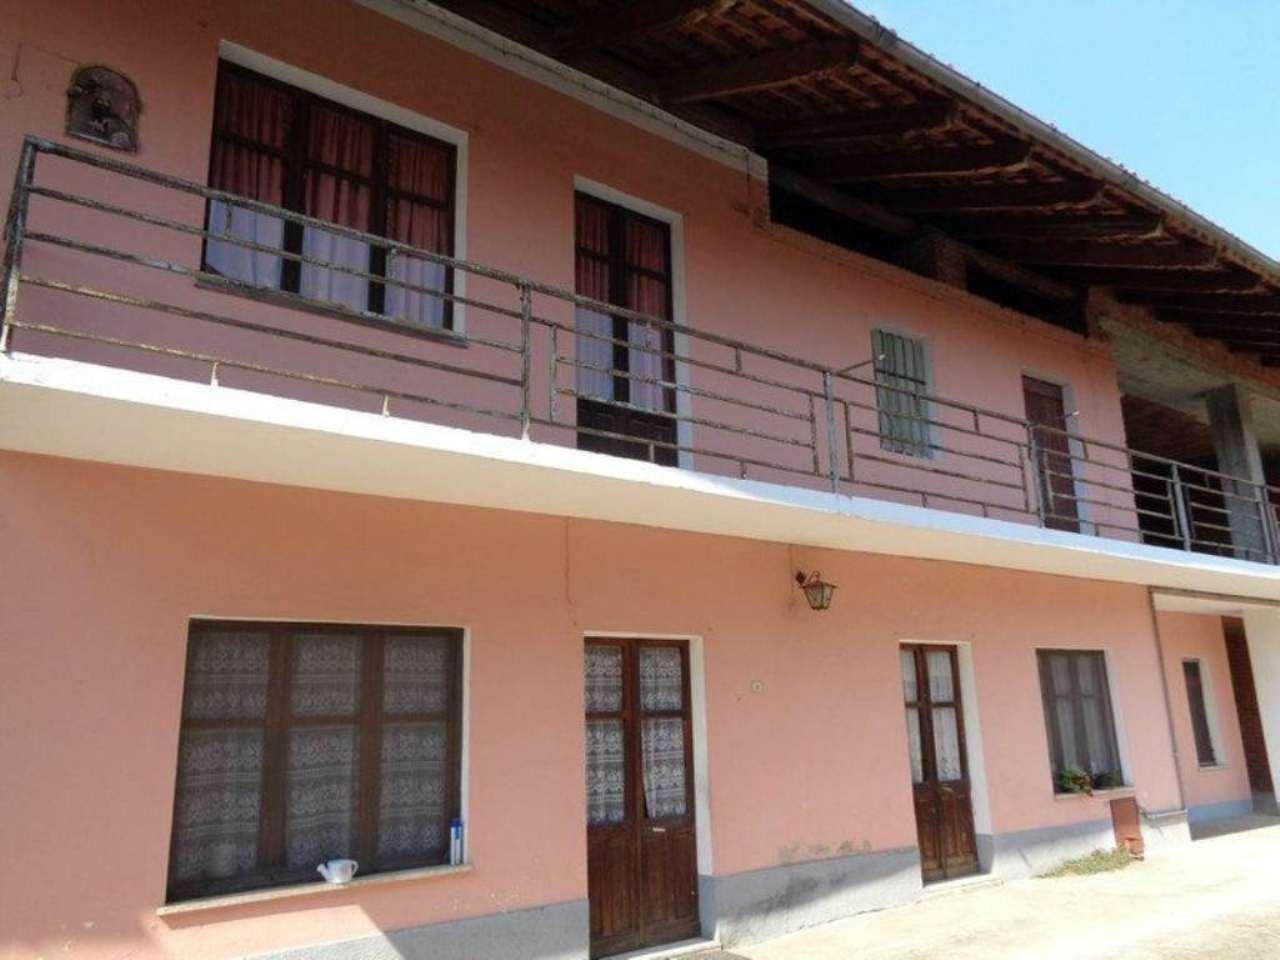 Soluzione Indipendente in vendita a Chivasso, 5 locali, prezzo € 145.000 | Cambio Casa.it